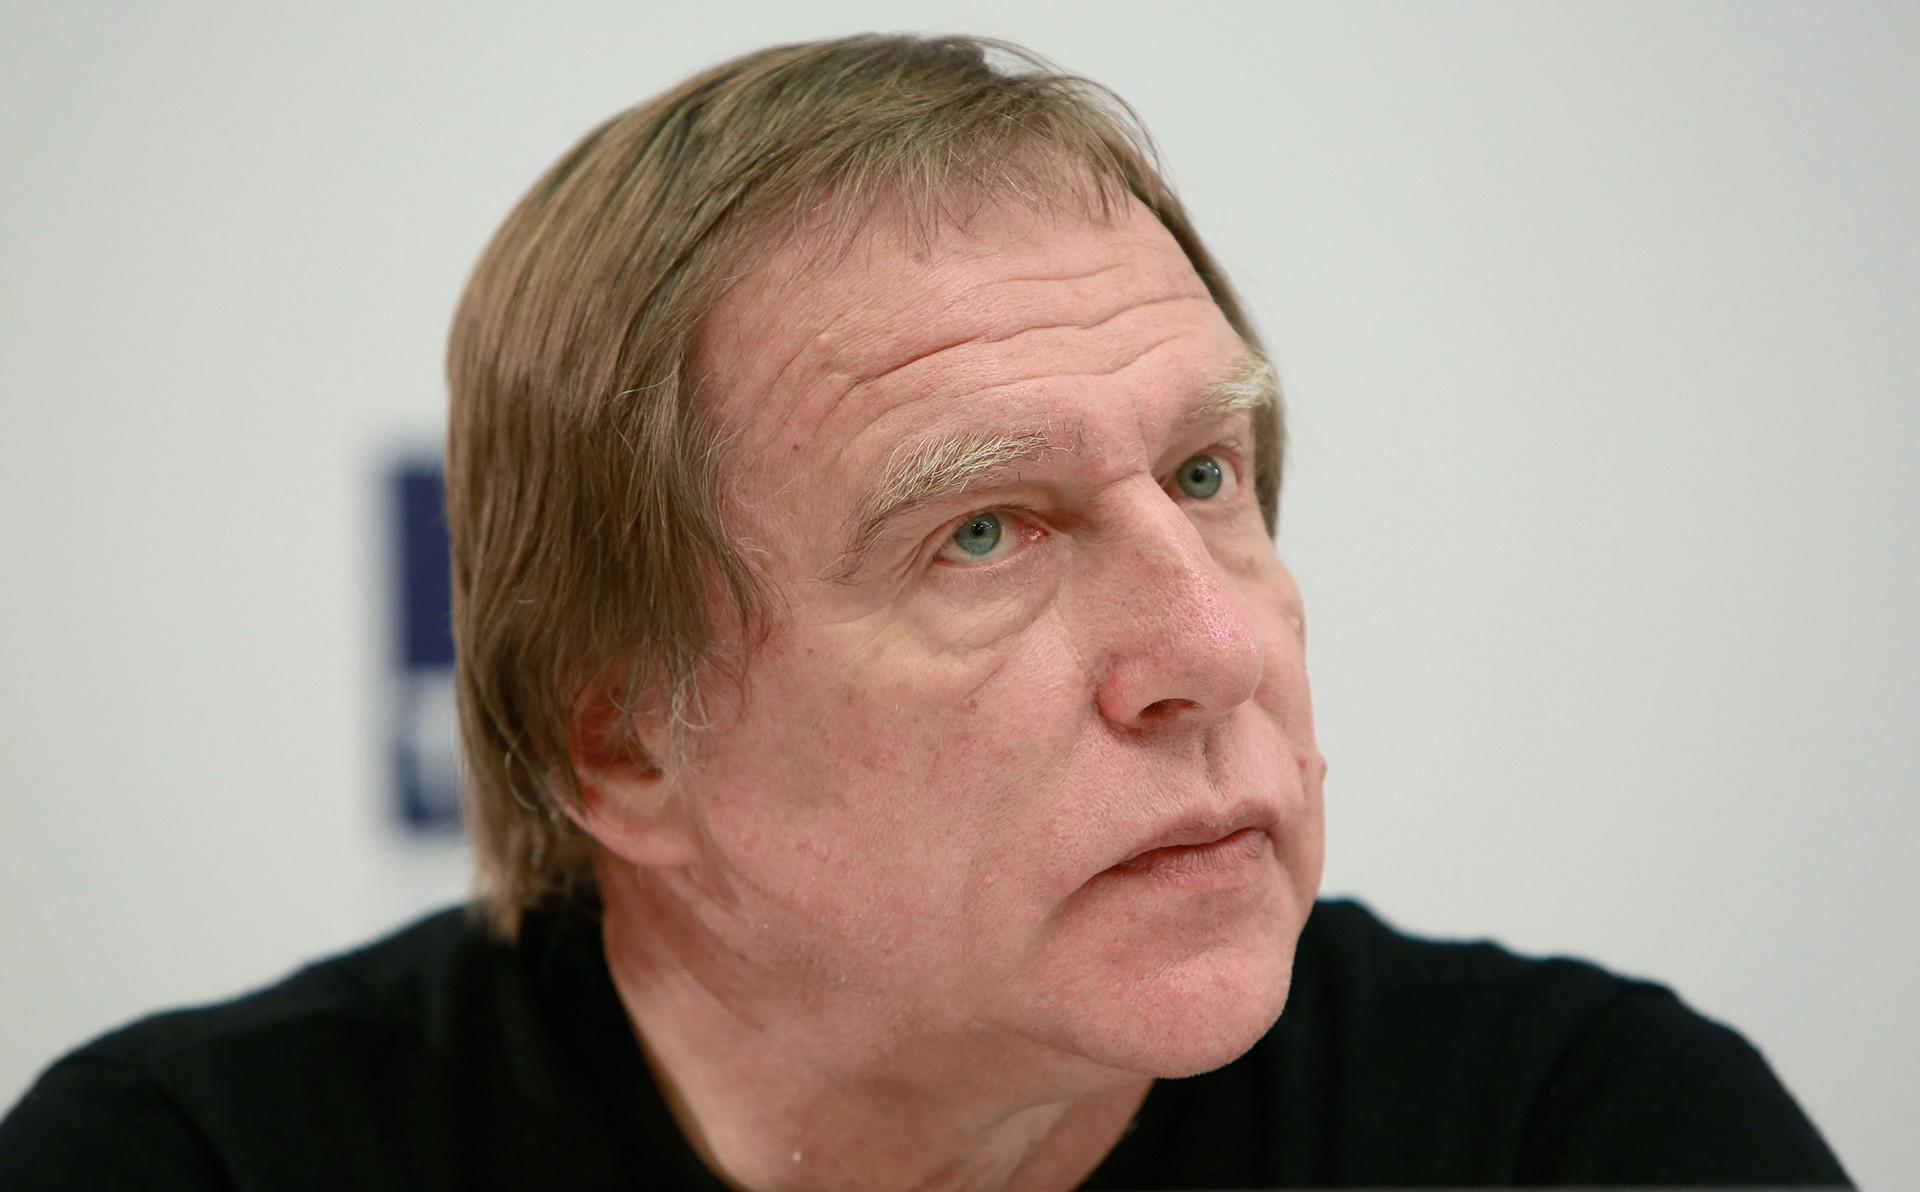 Сергеј Ролдугин, уметнички руководилац Санктпетербуршког дома музике, на конференцији за новинаре.